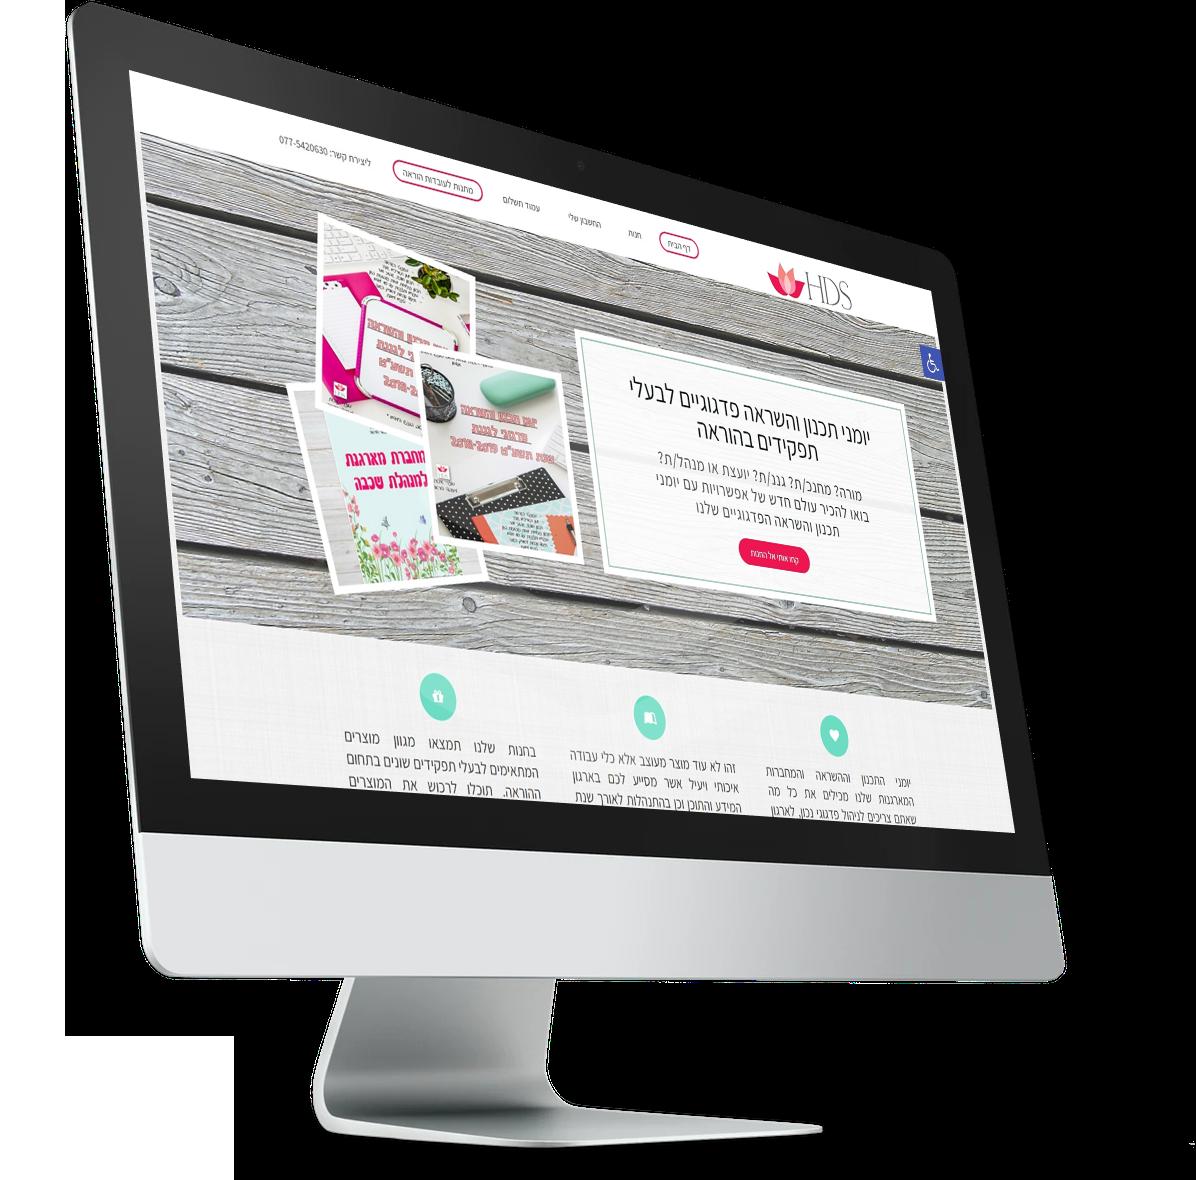 עיצוב ובניית חנות מקוונת עבור HDS יומני תכנון והשראה לצוותים חינוכיים